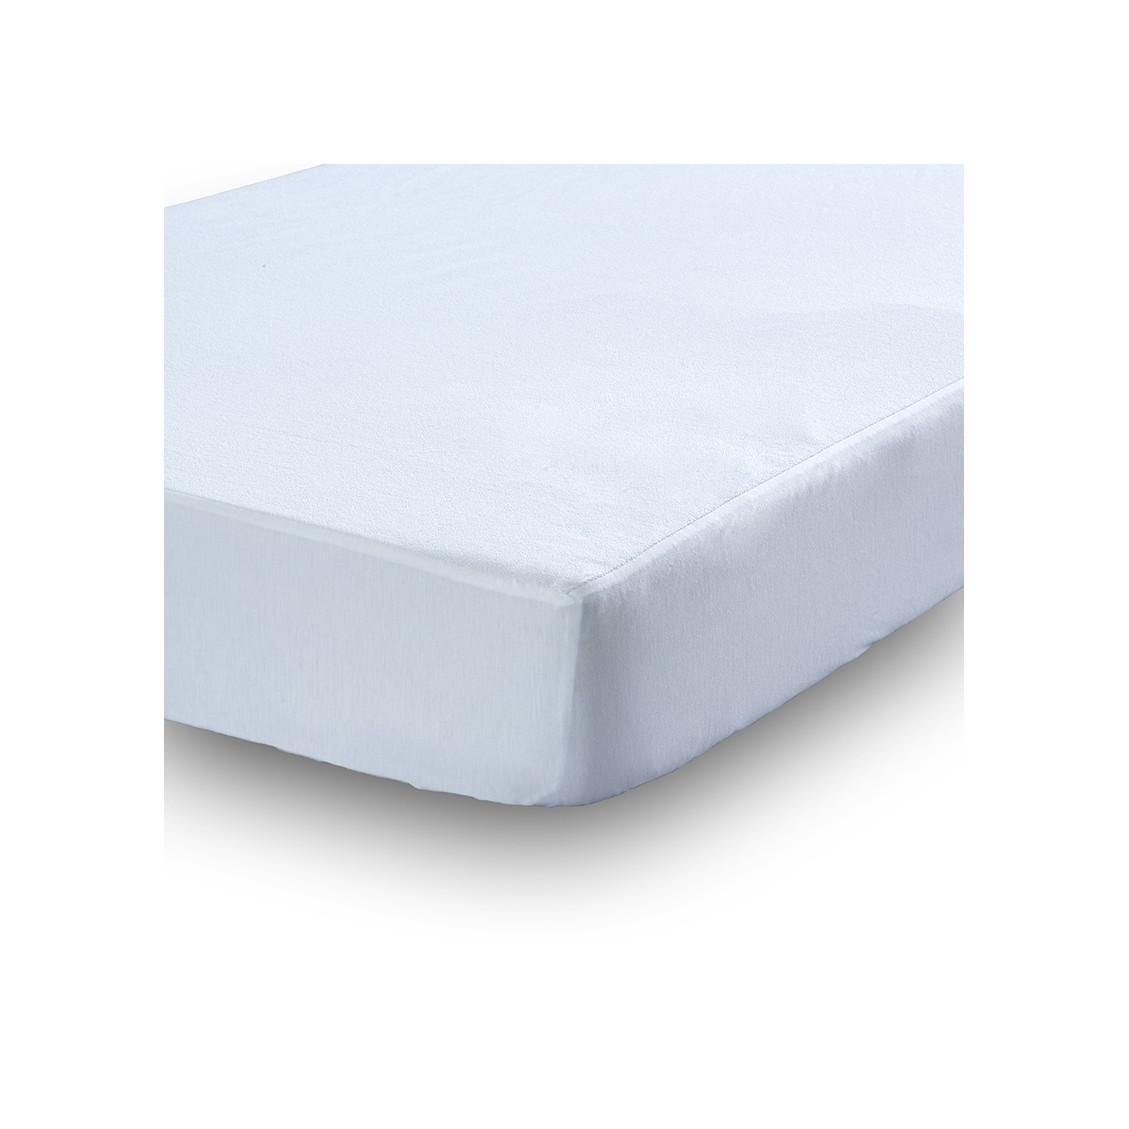 Protector colchón cuna